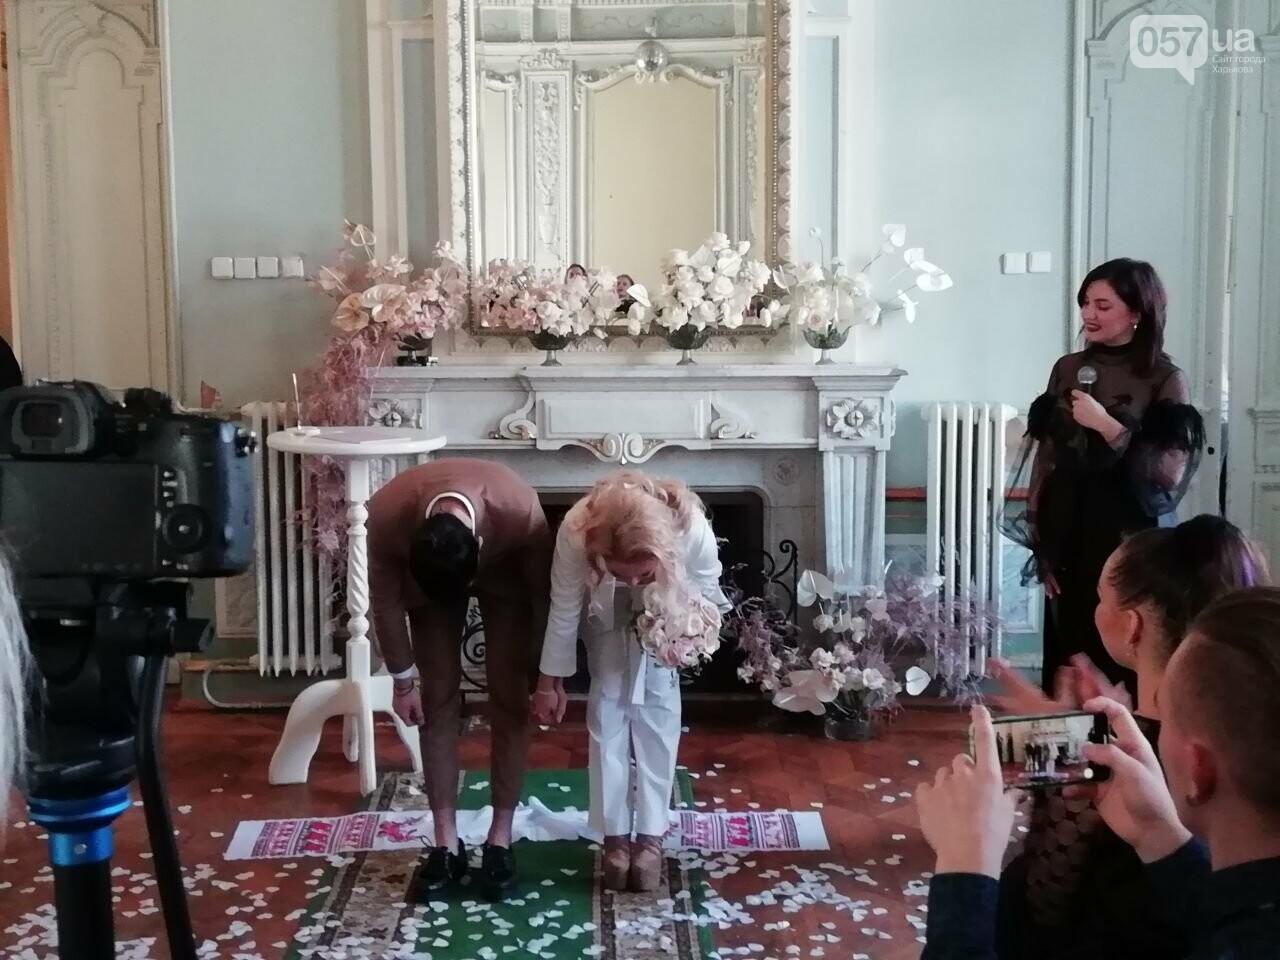 Экспресс-свадьба и звездная ведущая: в Харькове проходит Марафон влюбленных, - ФОТО, фото-12